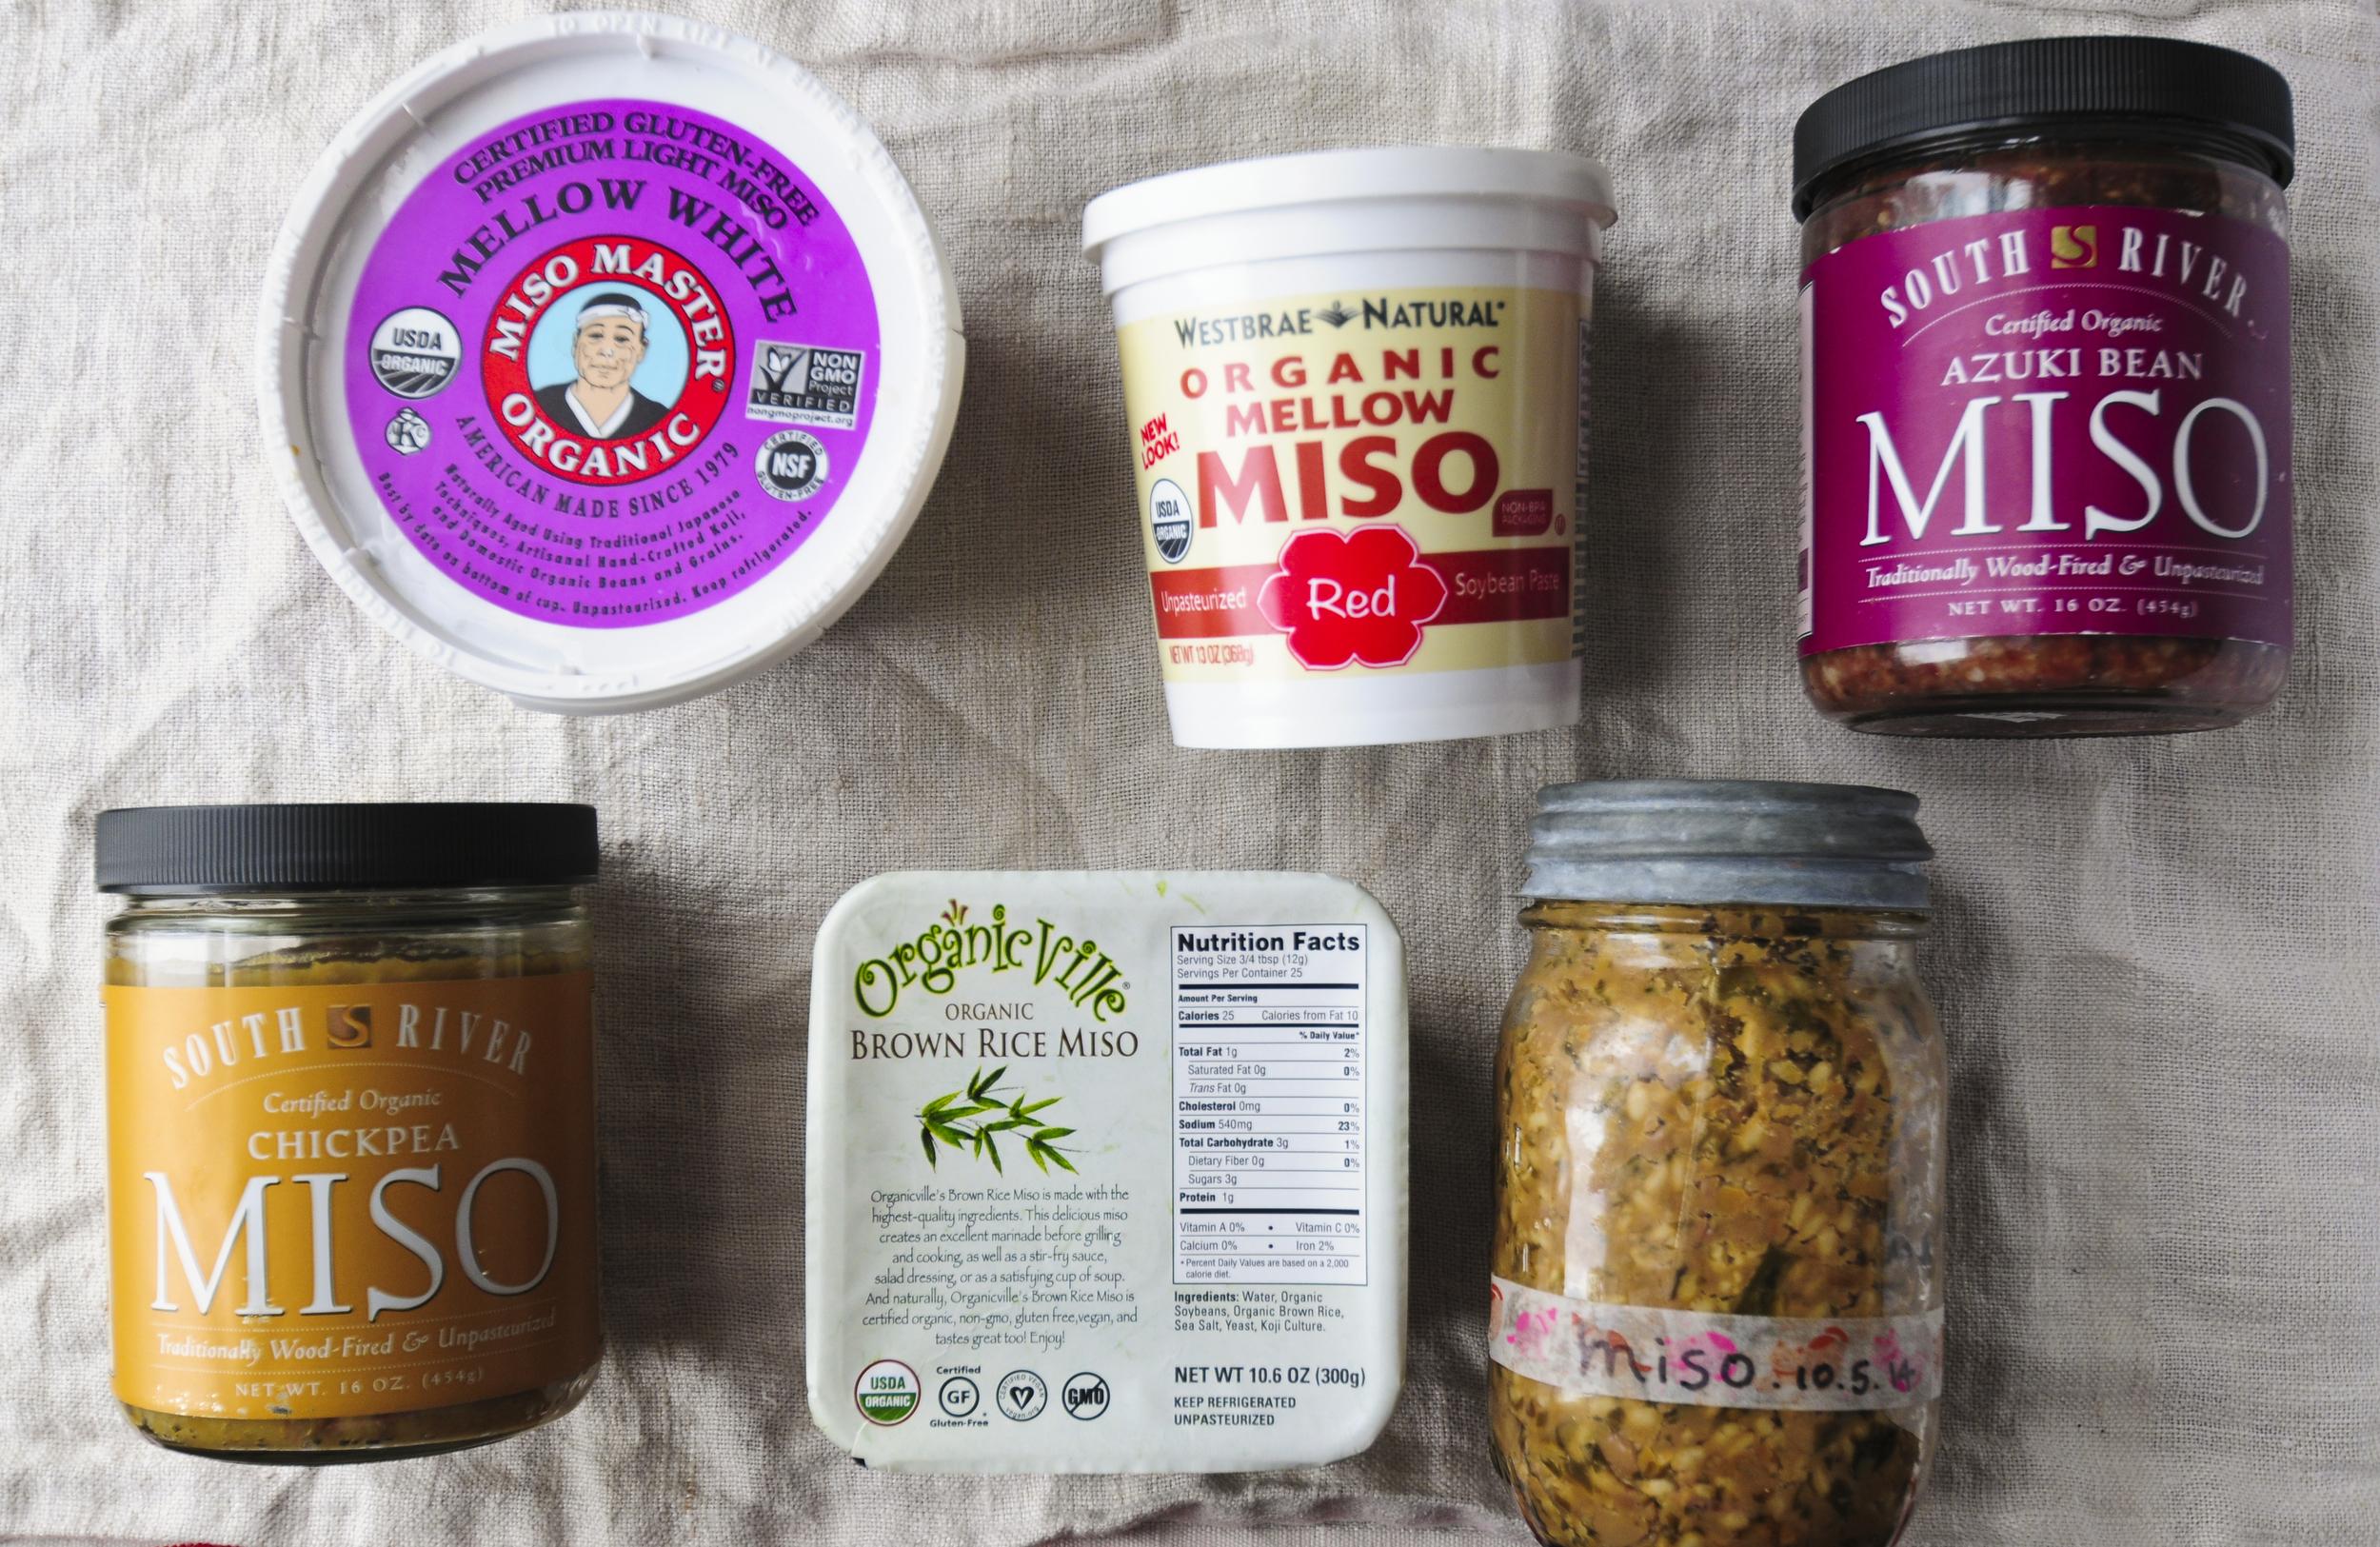 I featured Japanese Superfood Organic Miso in the June issue of nice things. magazine.   アメリカの味噌職人のこだわりはすごいもので、American Miso Campanyの味噌は、  信州と気候が似ている、ノースキャロライナ州で、  オーガニックの材料、天日干しの塩、麹を使い、  数百年前の日本の技法やマクロビオティックに基づいた考えで味噌  作りを行い、添加物などを一切加えず、木樽でじっくりと、  自然熟成させたこだわりの味噌。